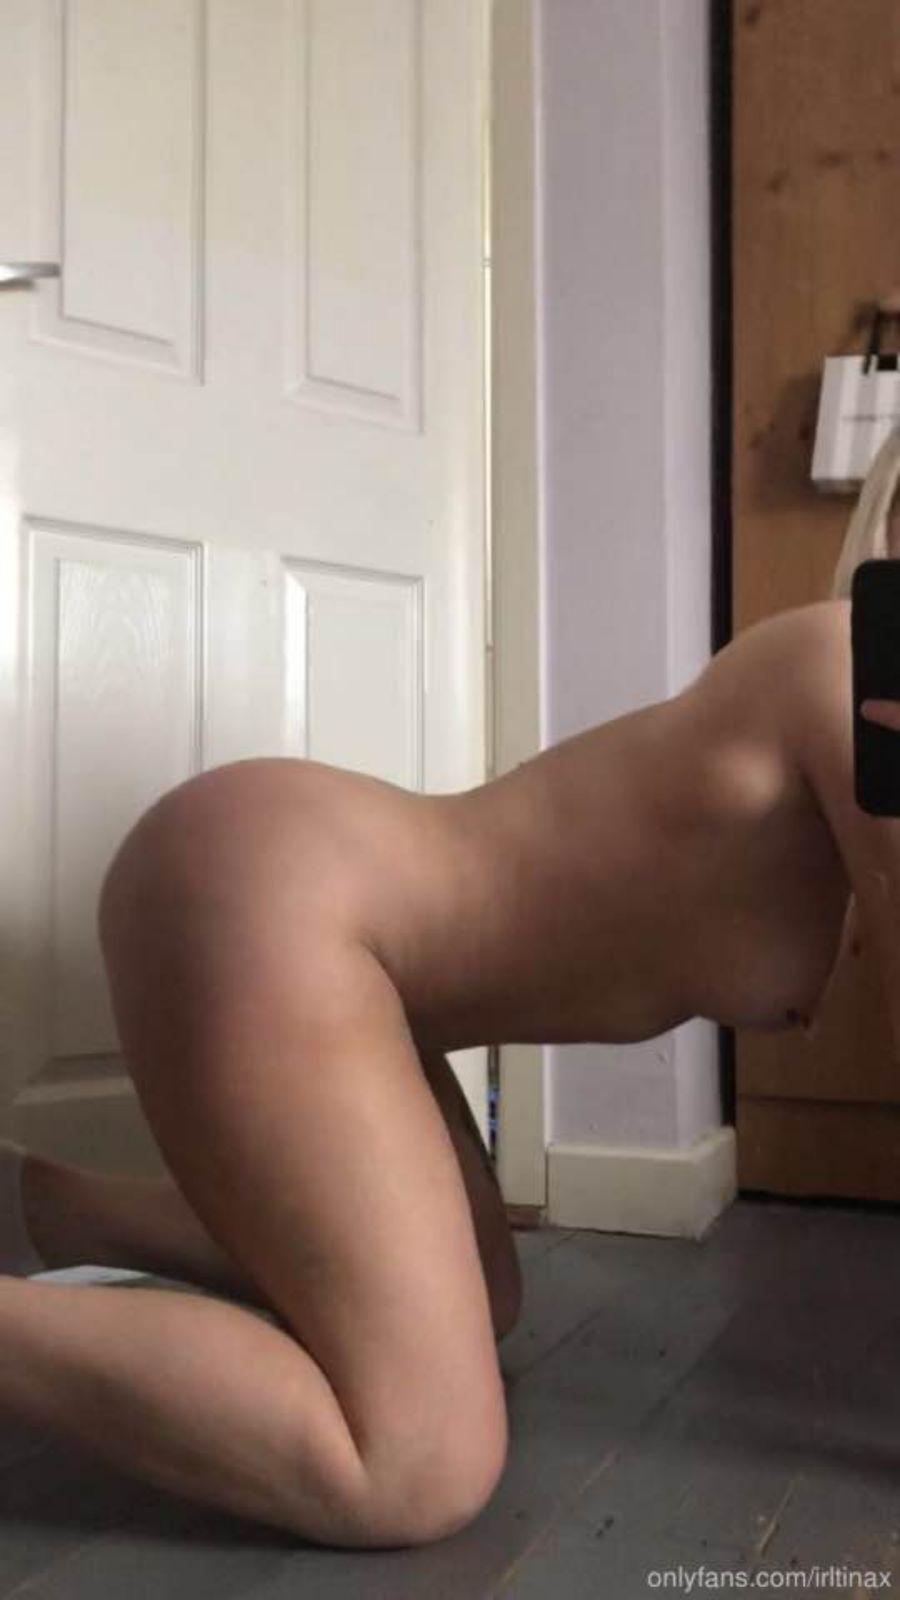 Irltinax Nude